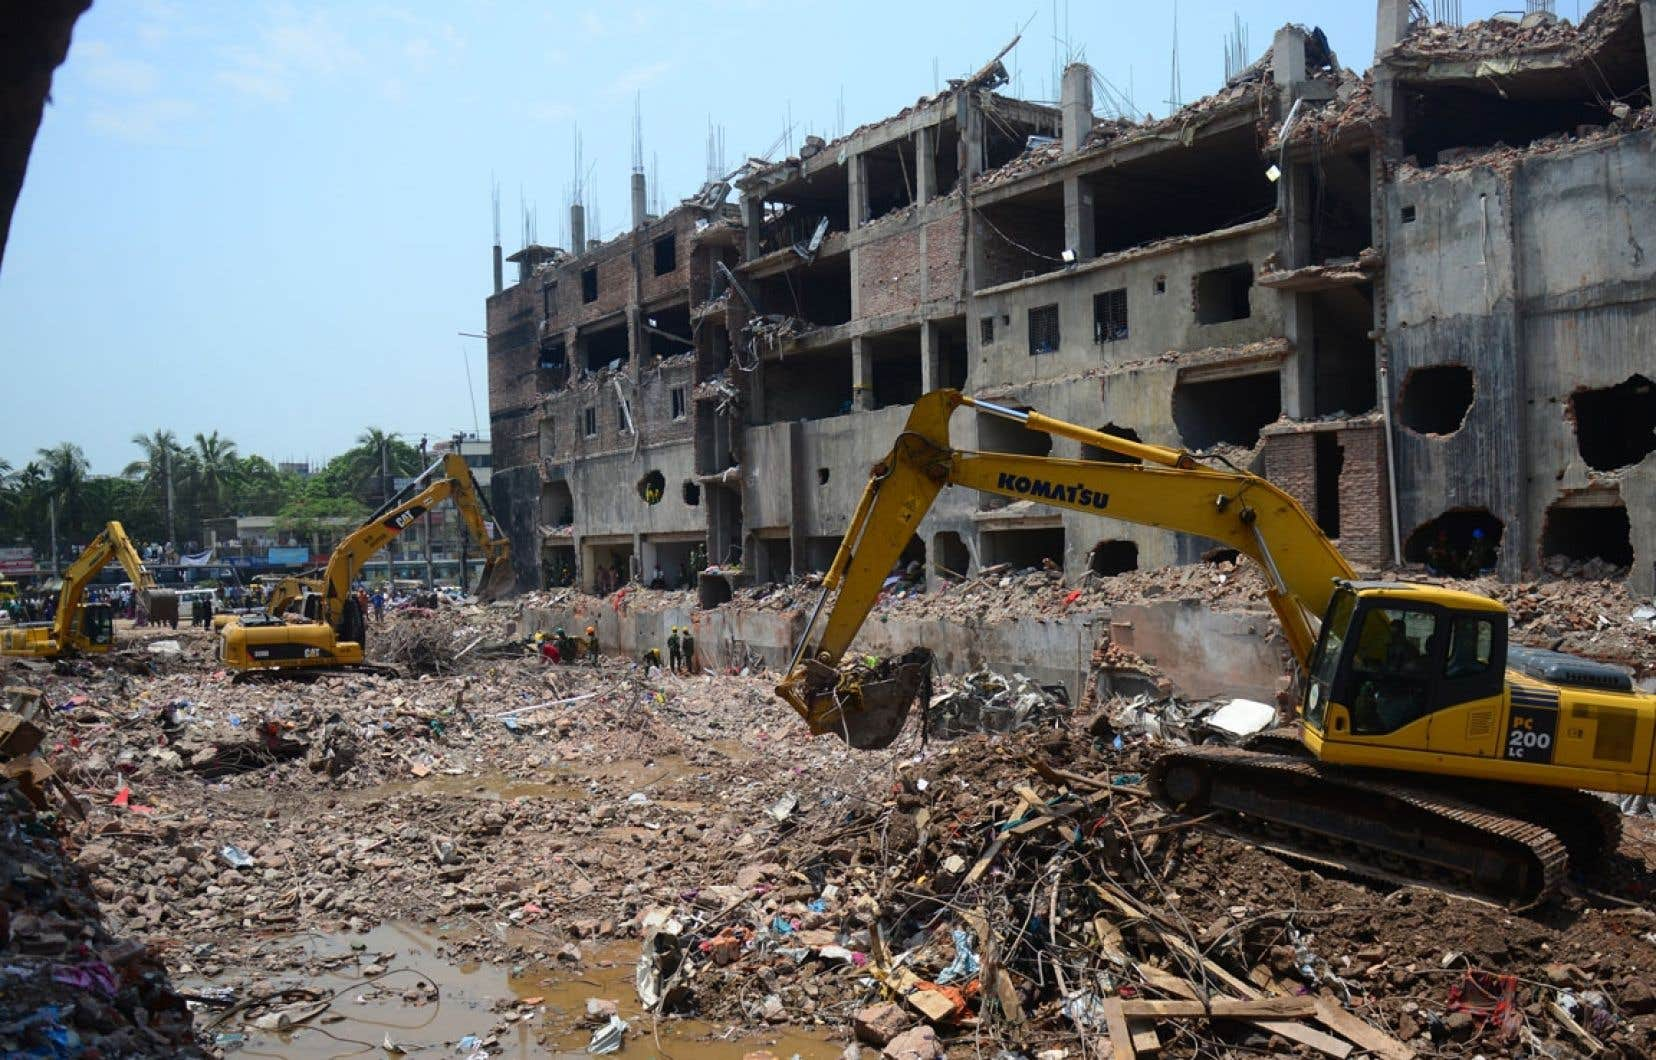 Des travailleurs s'affairent dans les débris du Rana Plaza. L'effondrement de cette usine textile a déclenché la mobilisation autour du secteur.